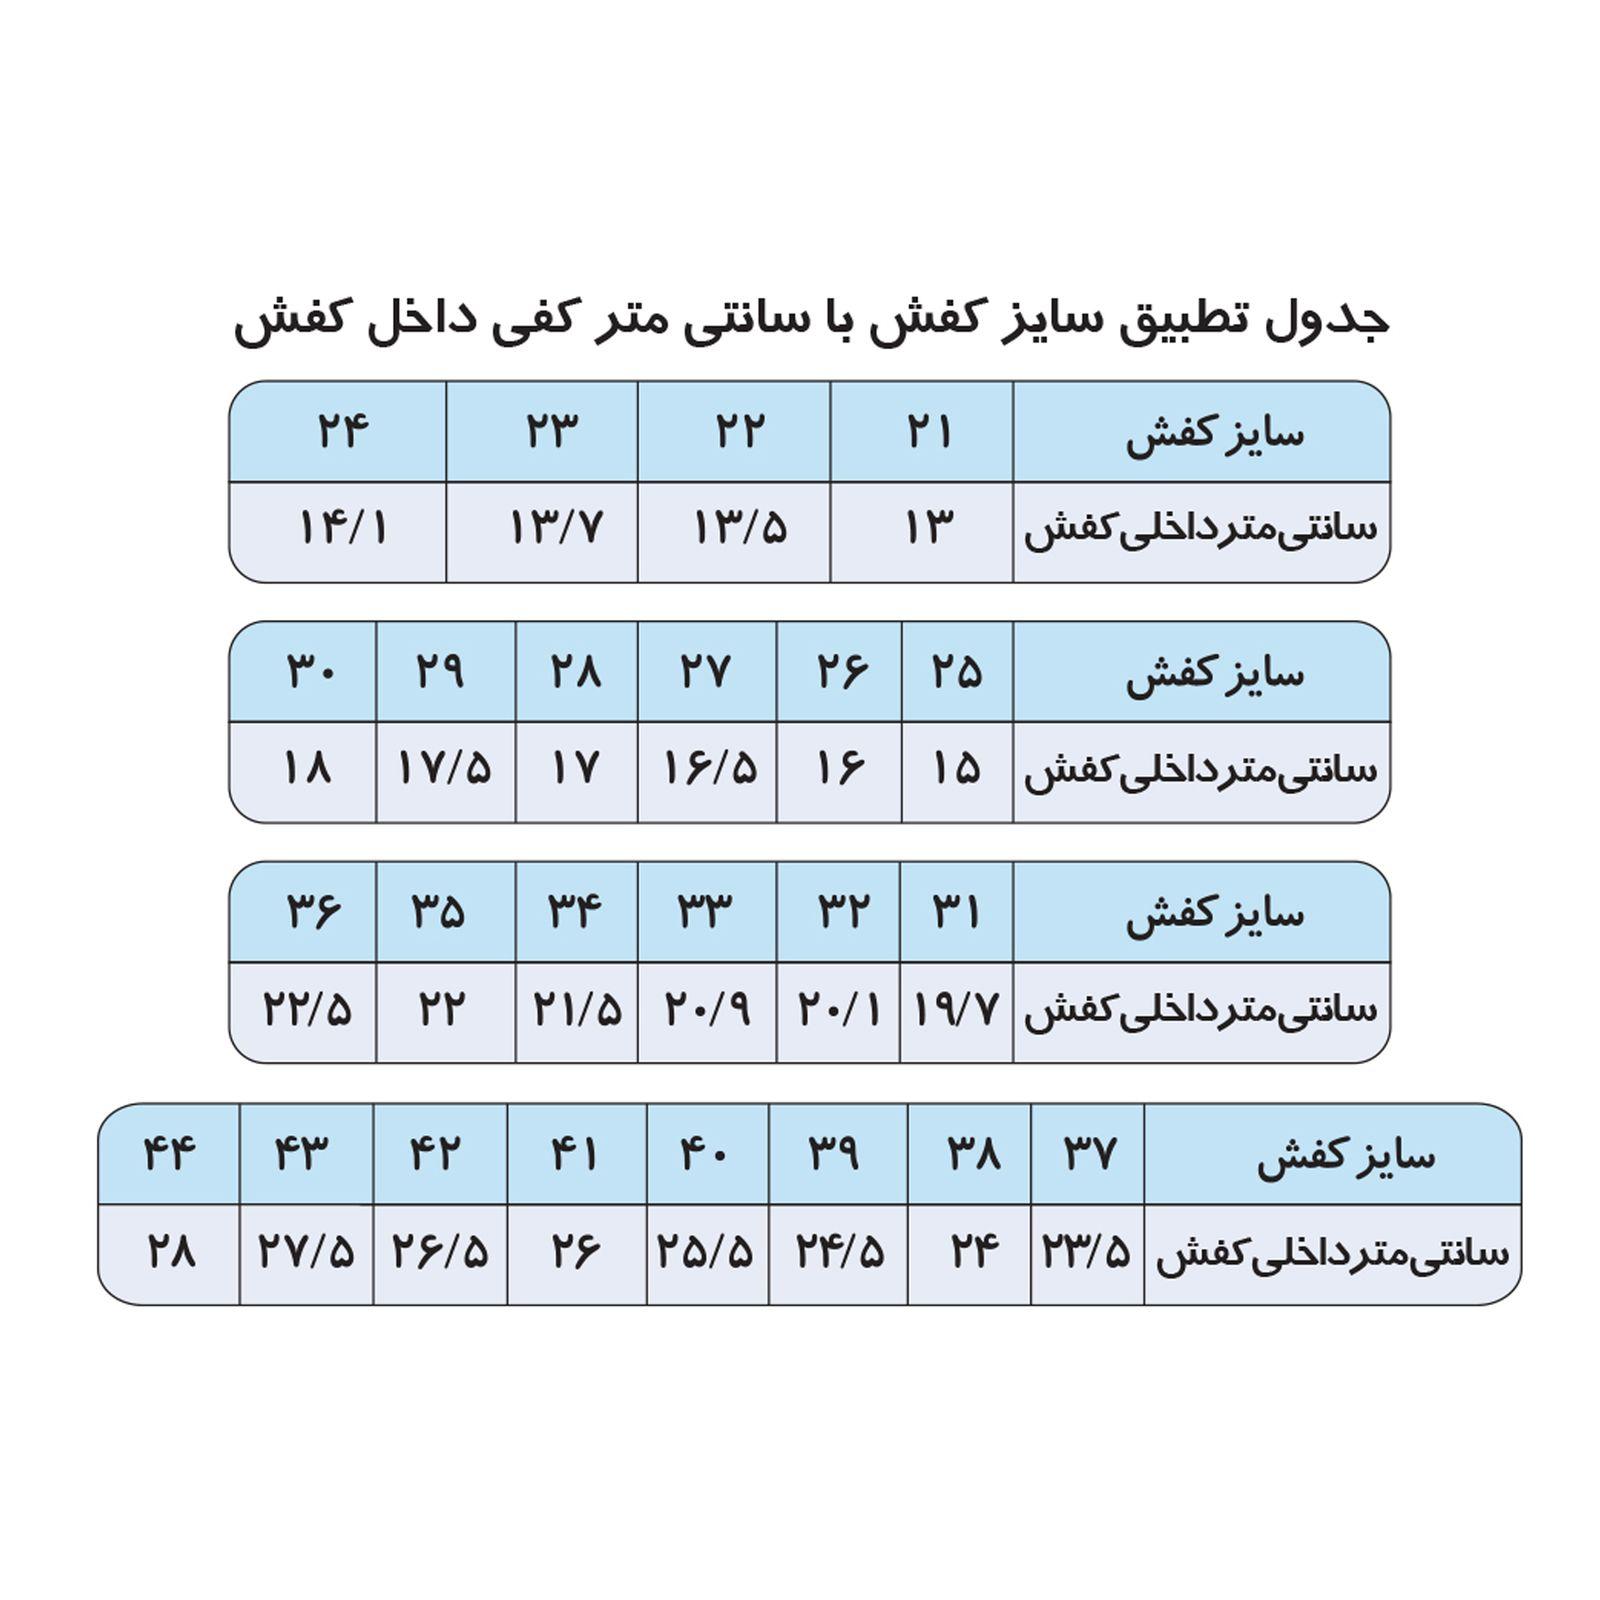 صندل مردانه ای ال ام کد 3-59737 -  - 5